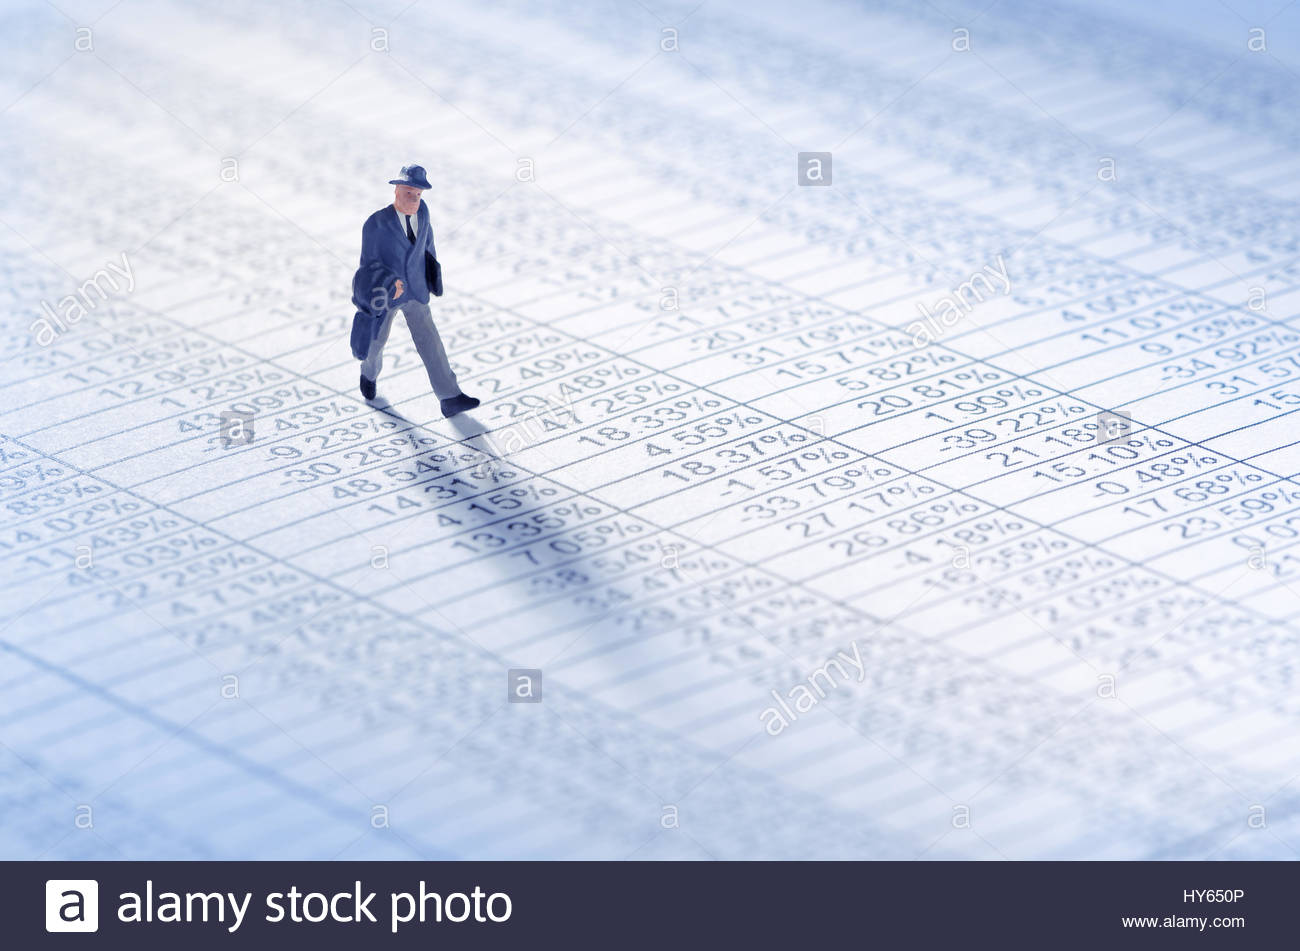 Empresario jugando el mercado bursátil Imagen De Stock